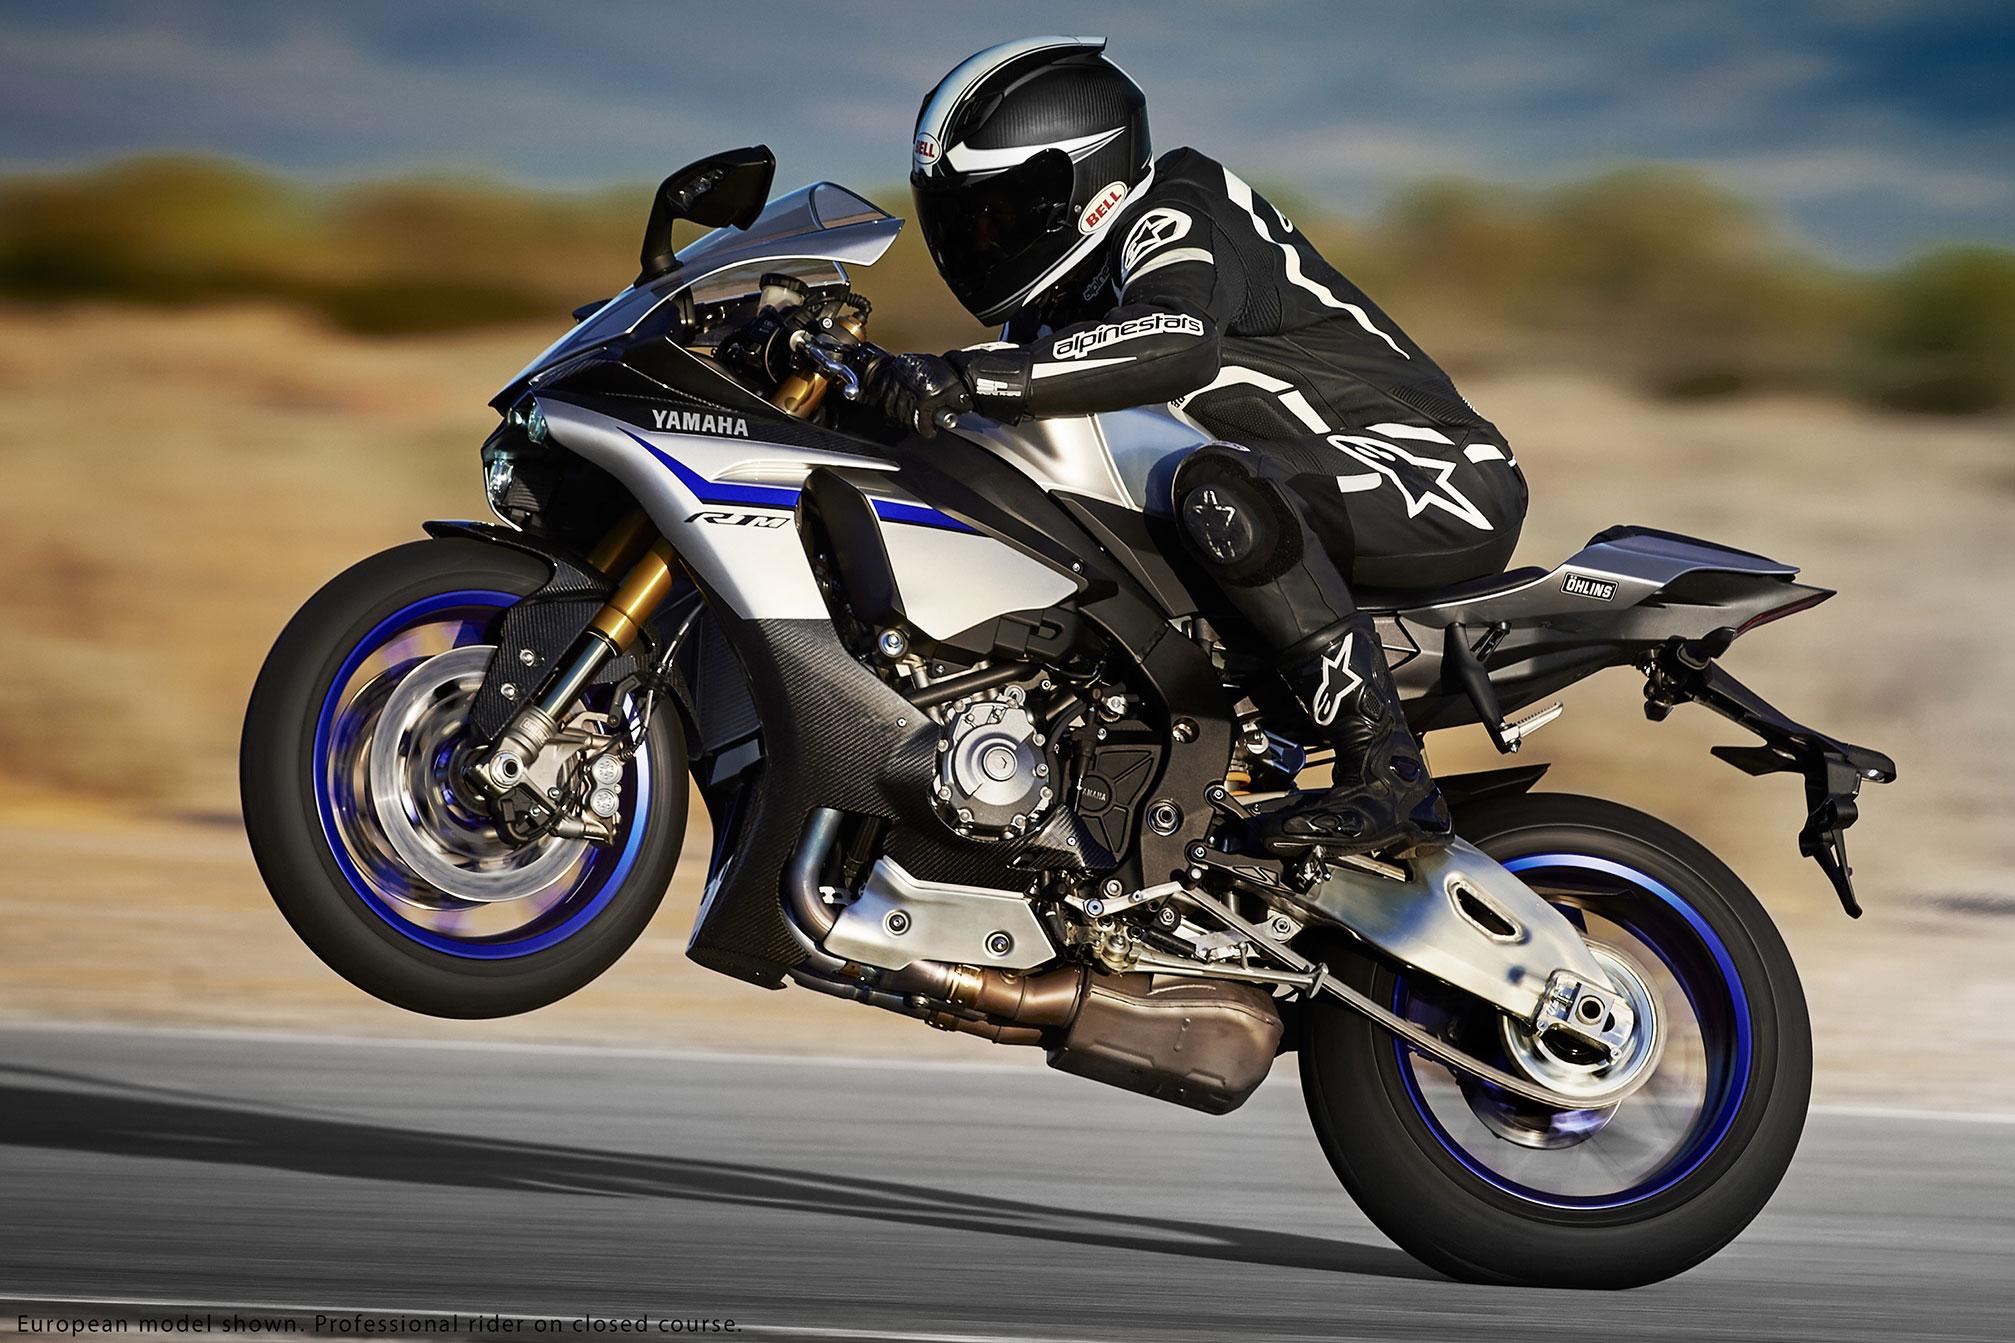 【雅马哈 YAMAHA YZF-R1M 摩托车图片】_摩托车图片库_摩托车之家